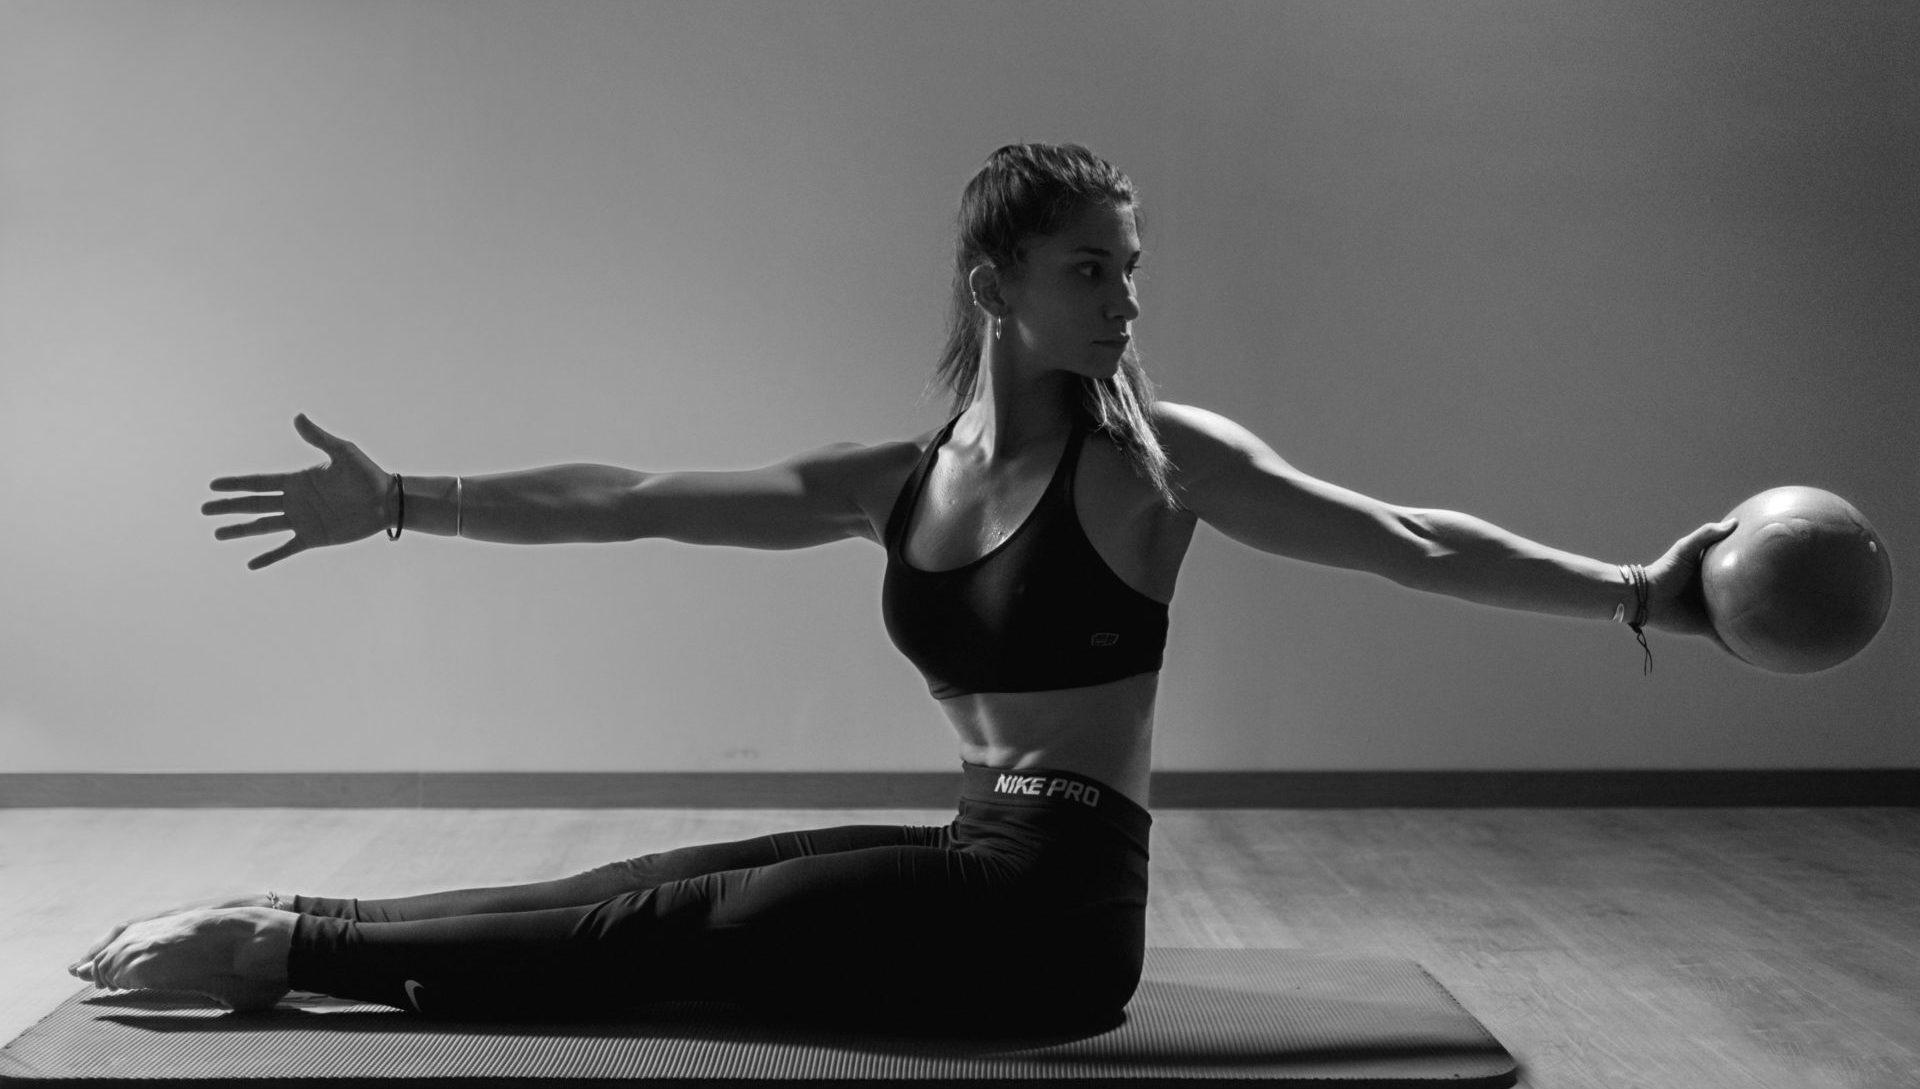 Κύρια φωτογραφία για το άρθρο: 6 Βασικές αρχές του Pilates. Tα θεμέλια μιας μεθόδου που κατέκτησε τον κόσμο!